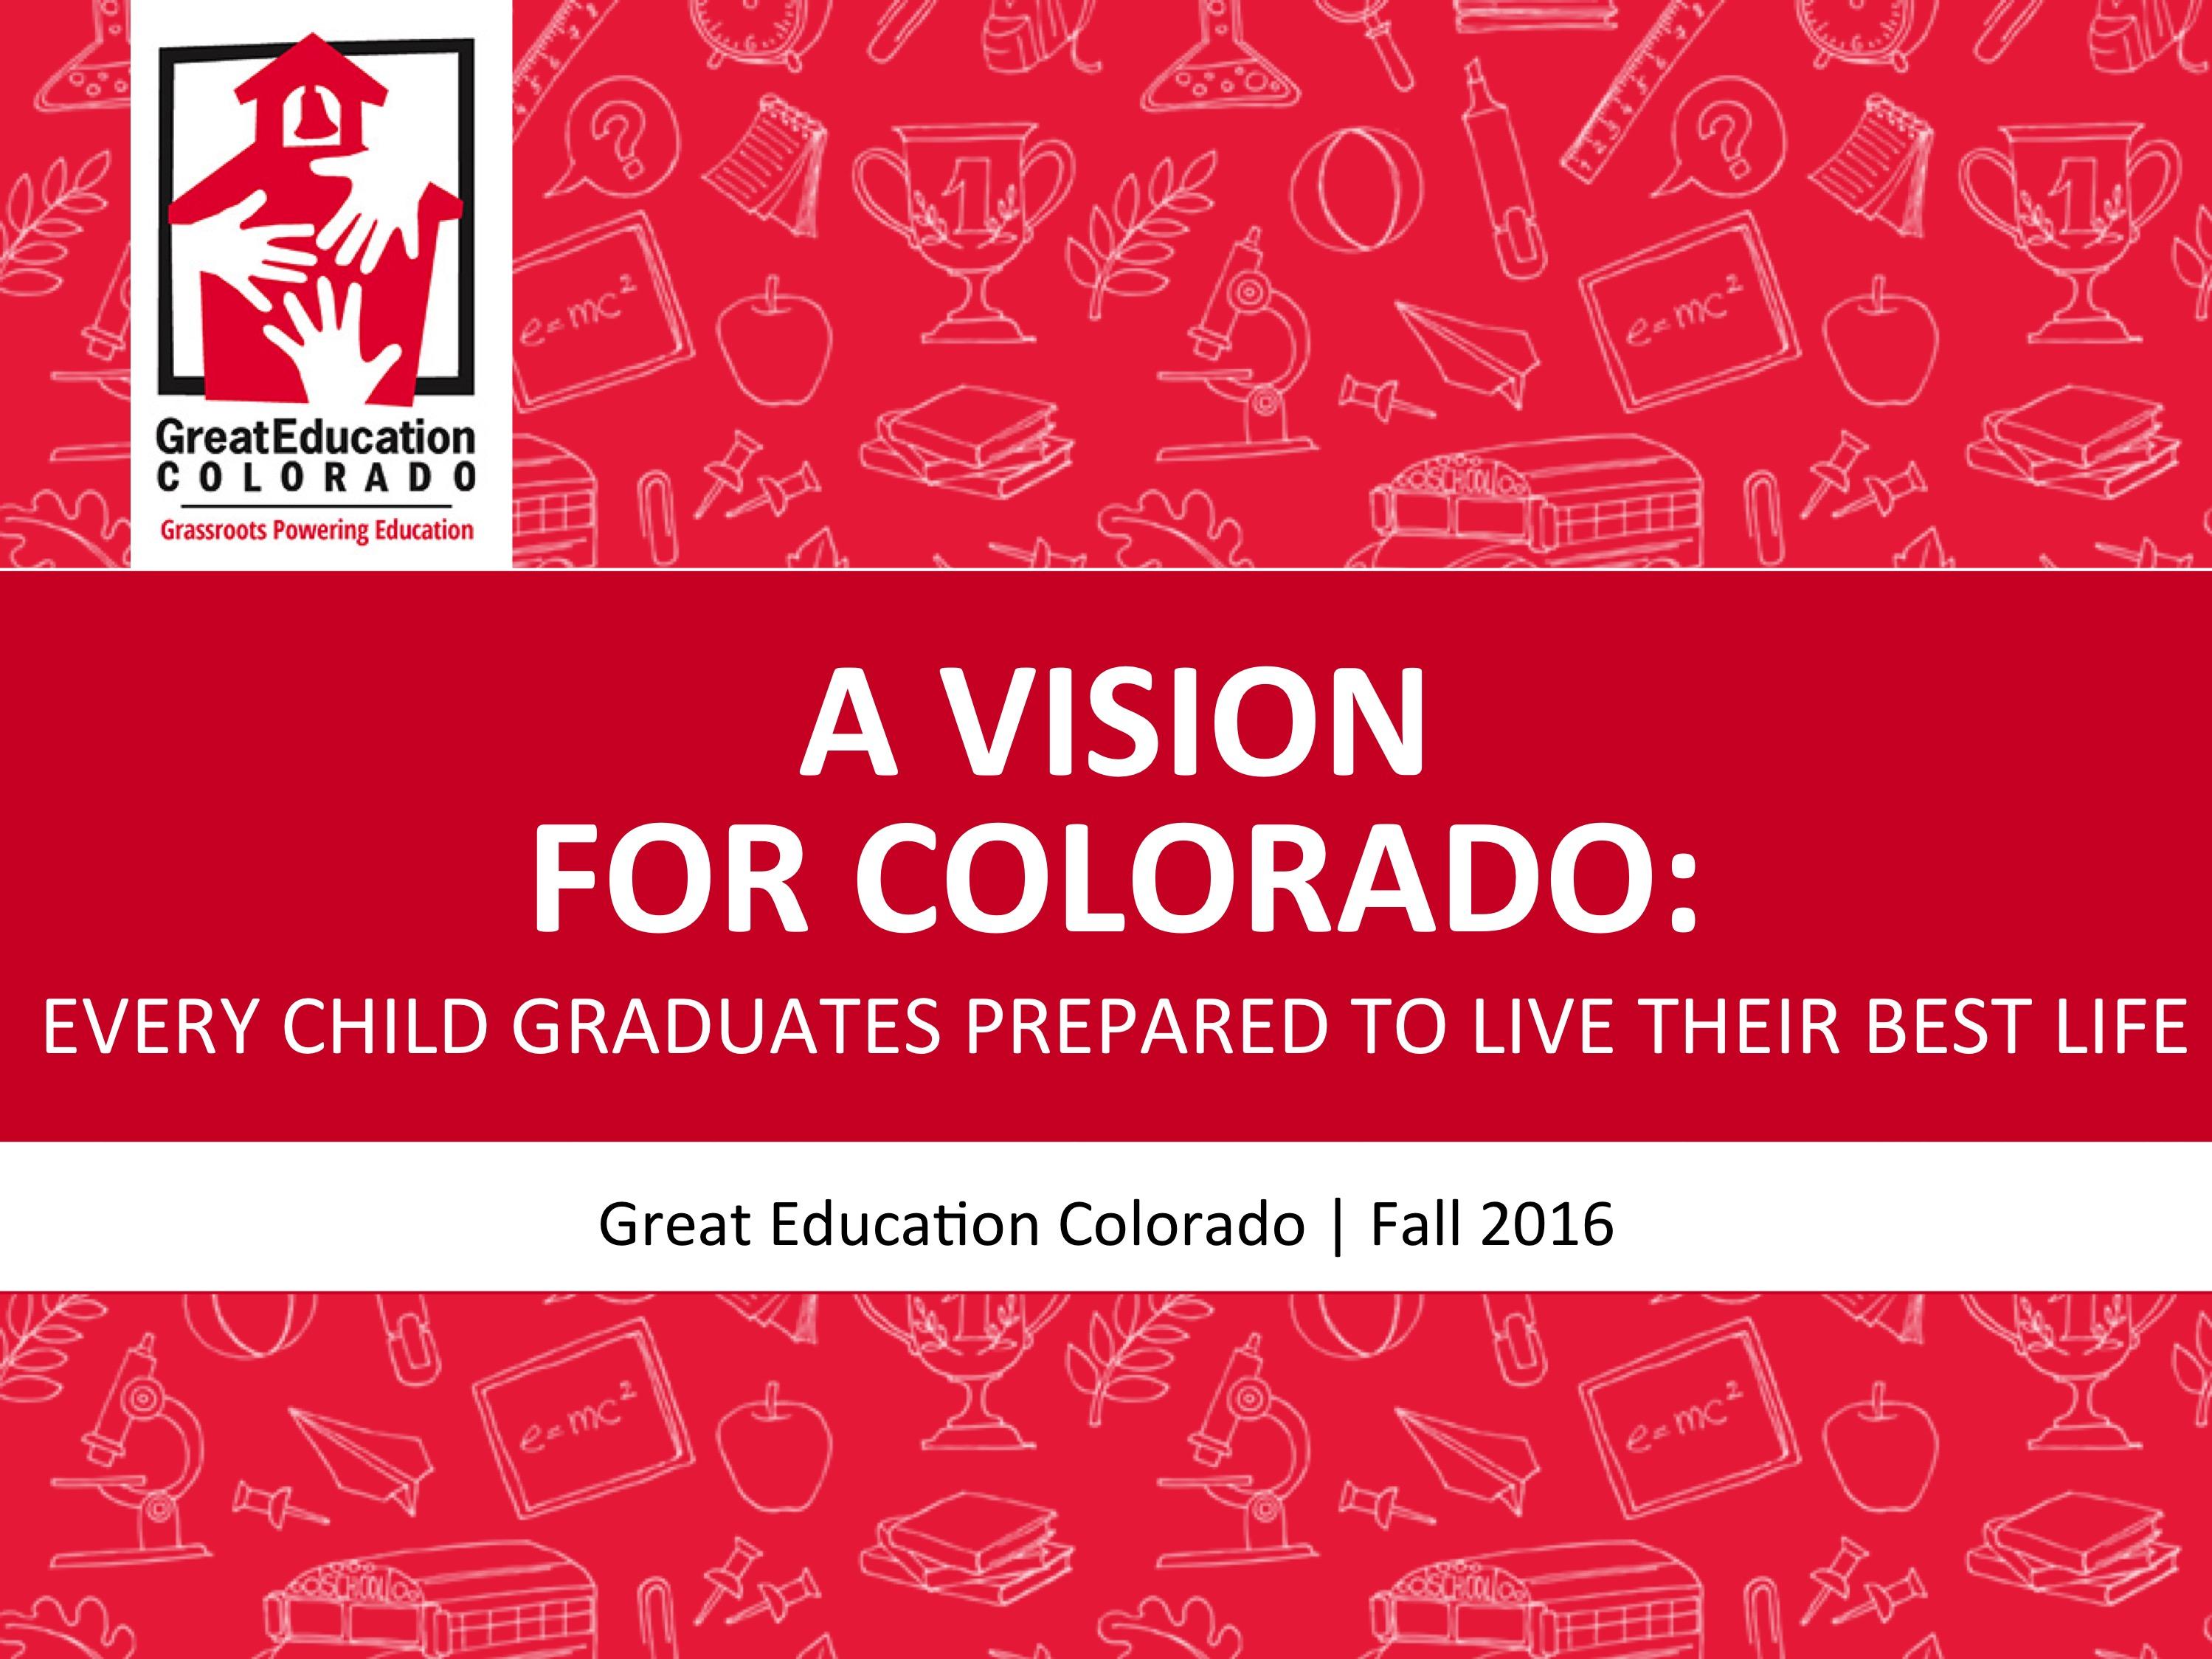 A Vision for Colorado